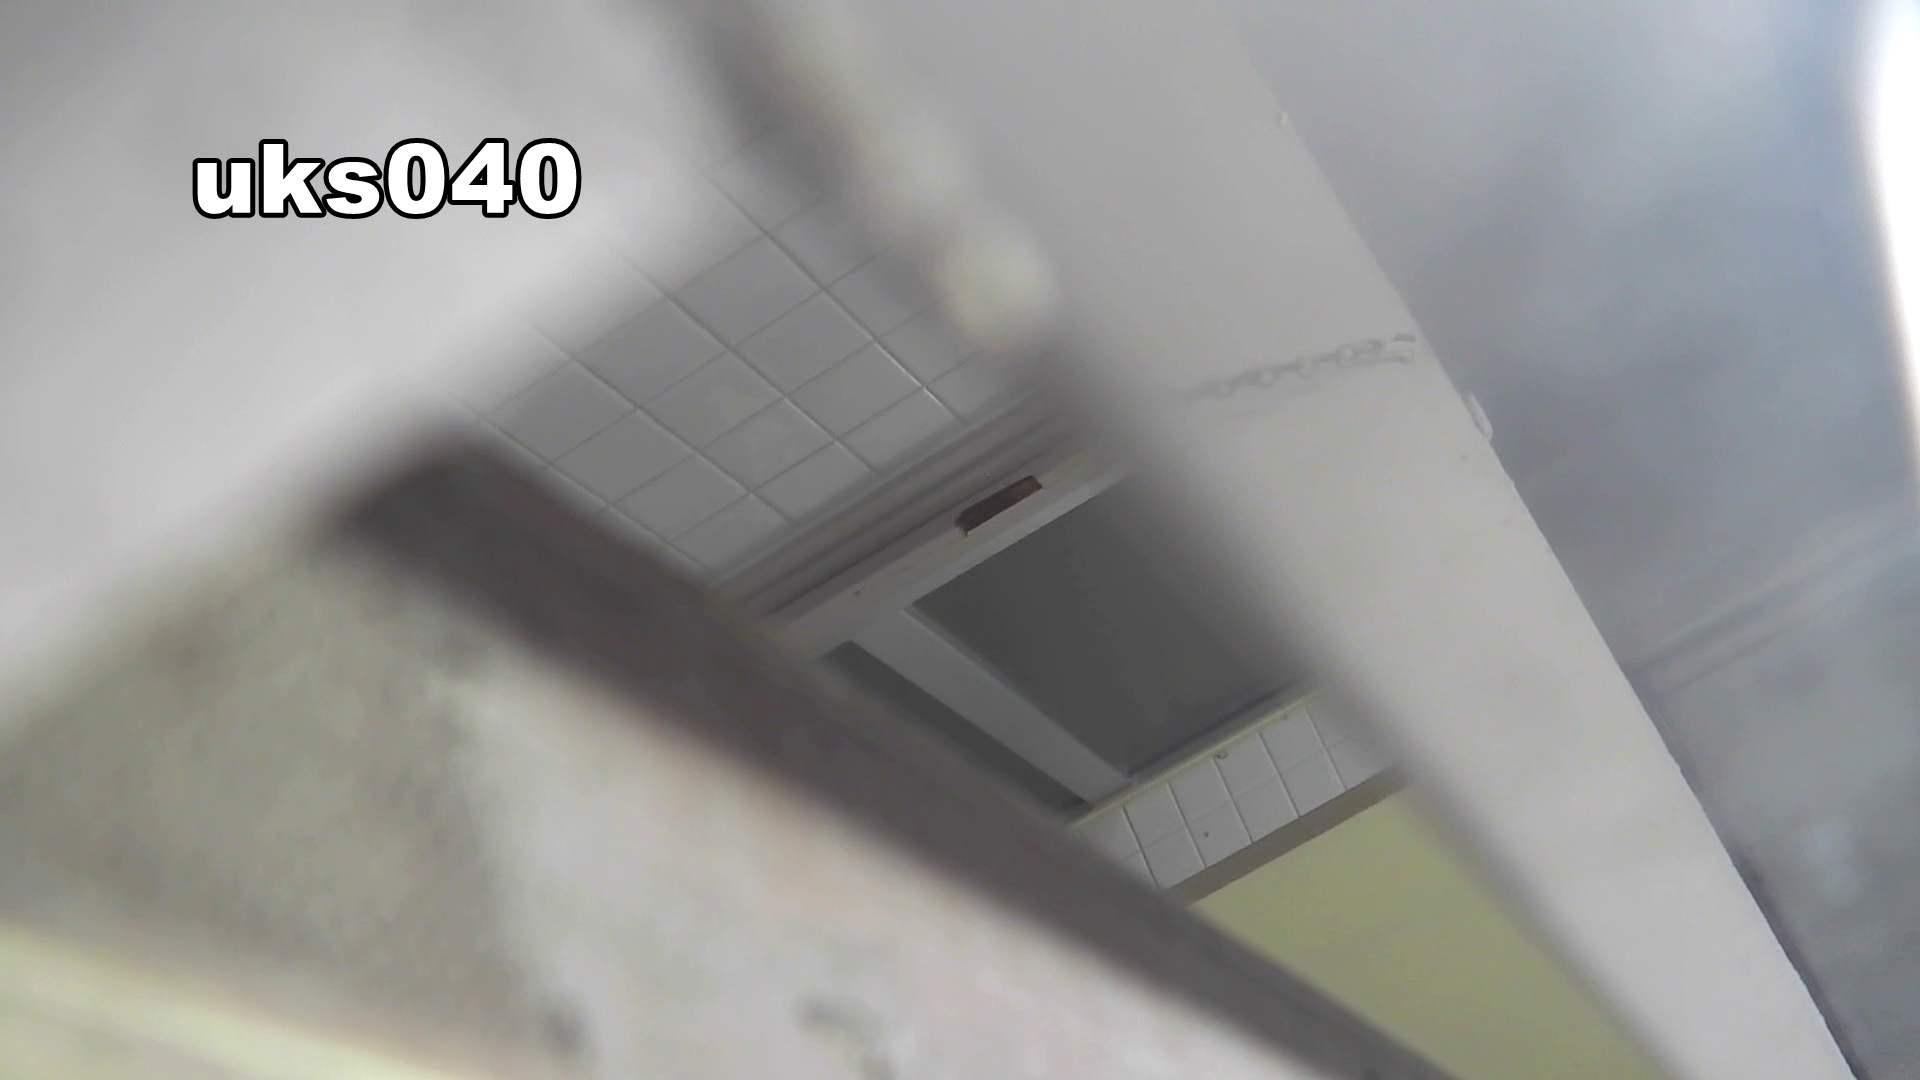 【美しき個室な世界】 vol.040 出て行かれる時の清楚姿撮り 高評価   高画質  112枚 1